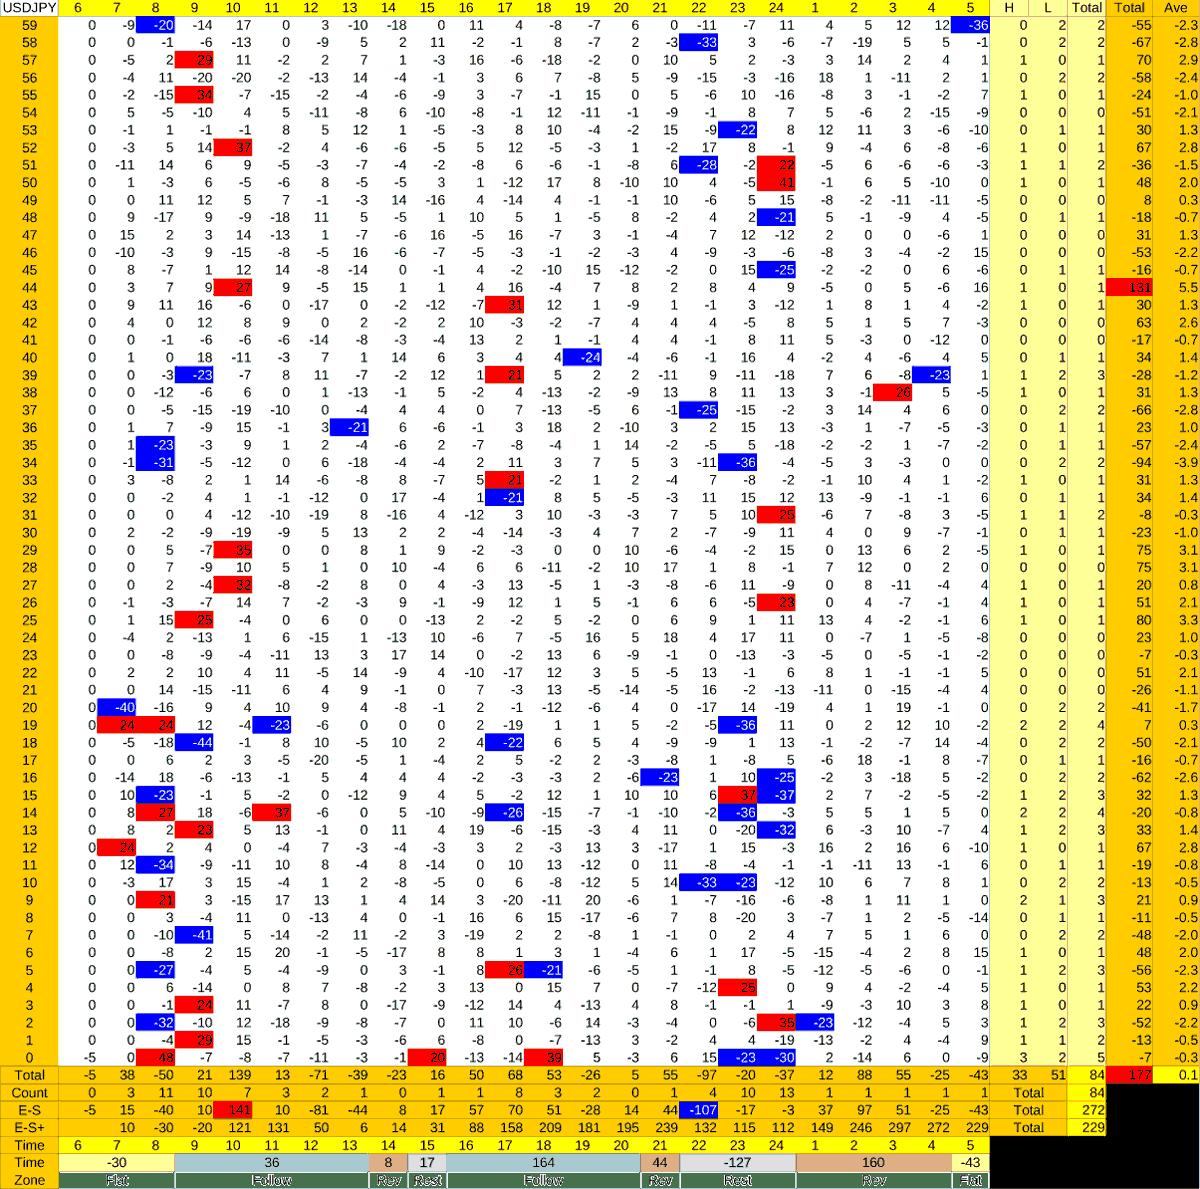 20210301_HS(1)USDJPY